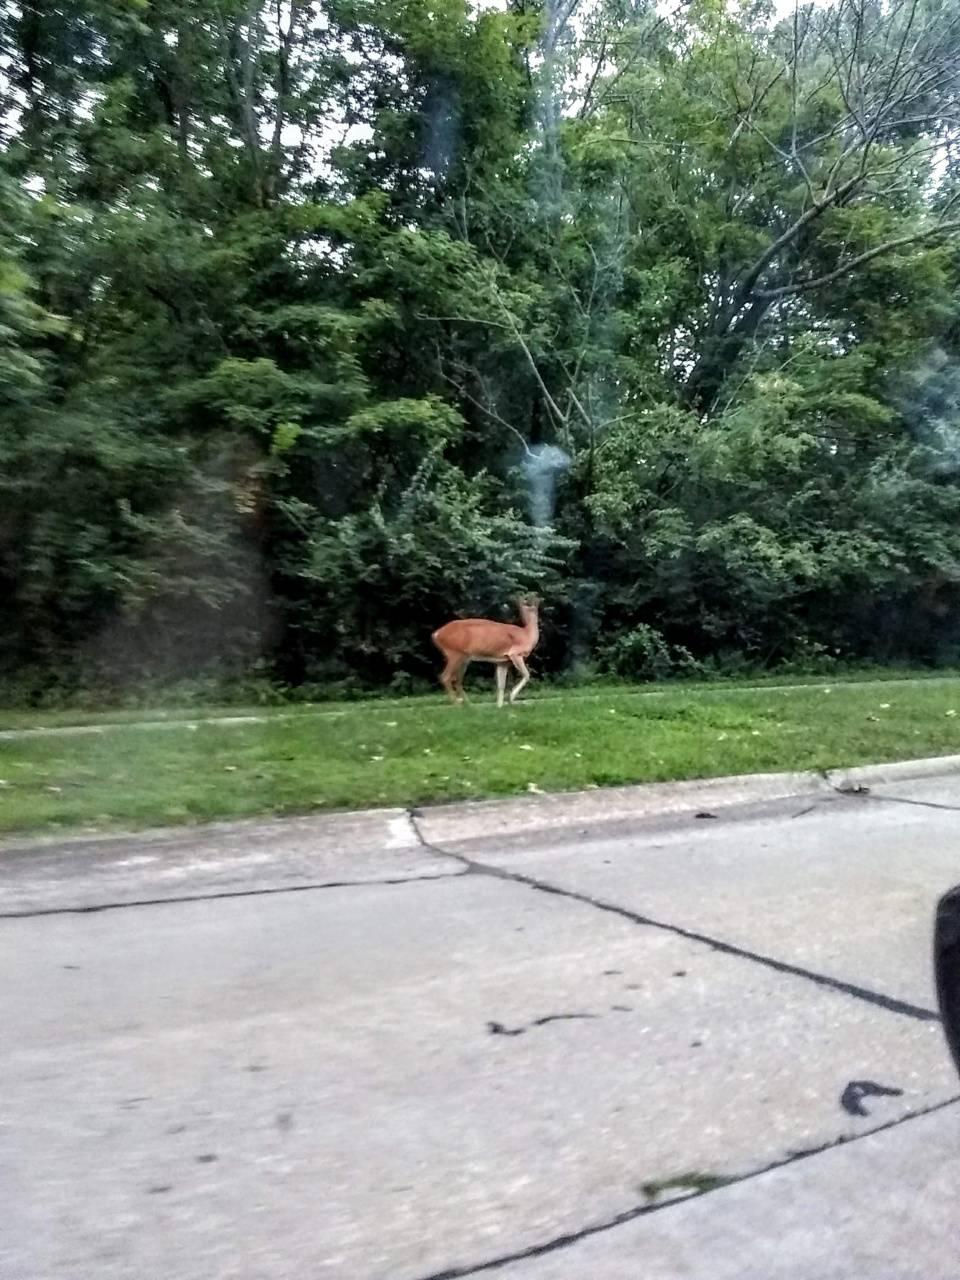 Deer sighting